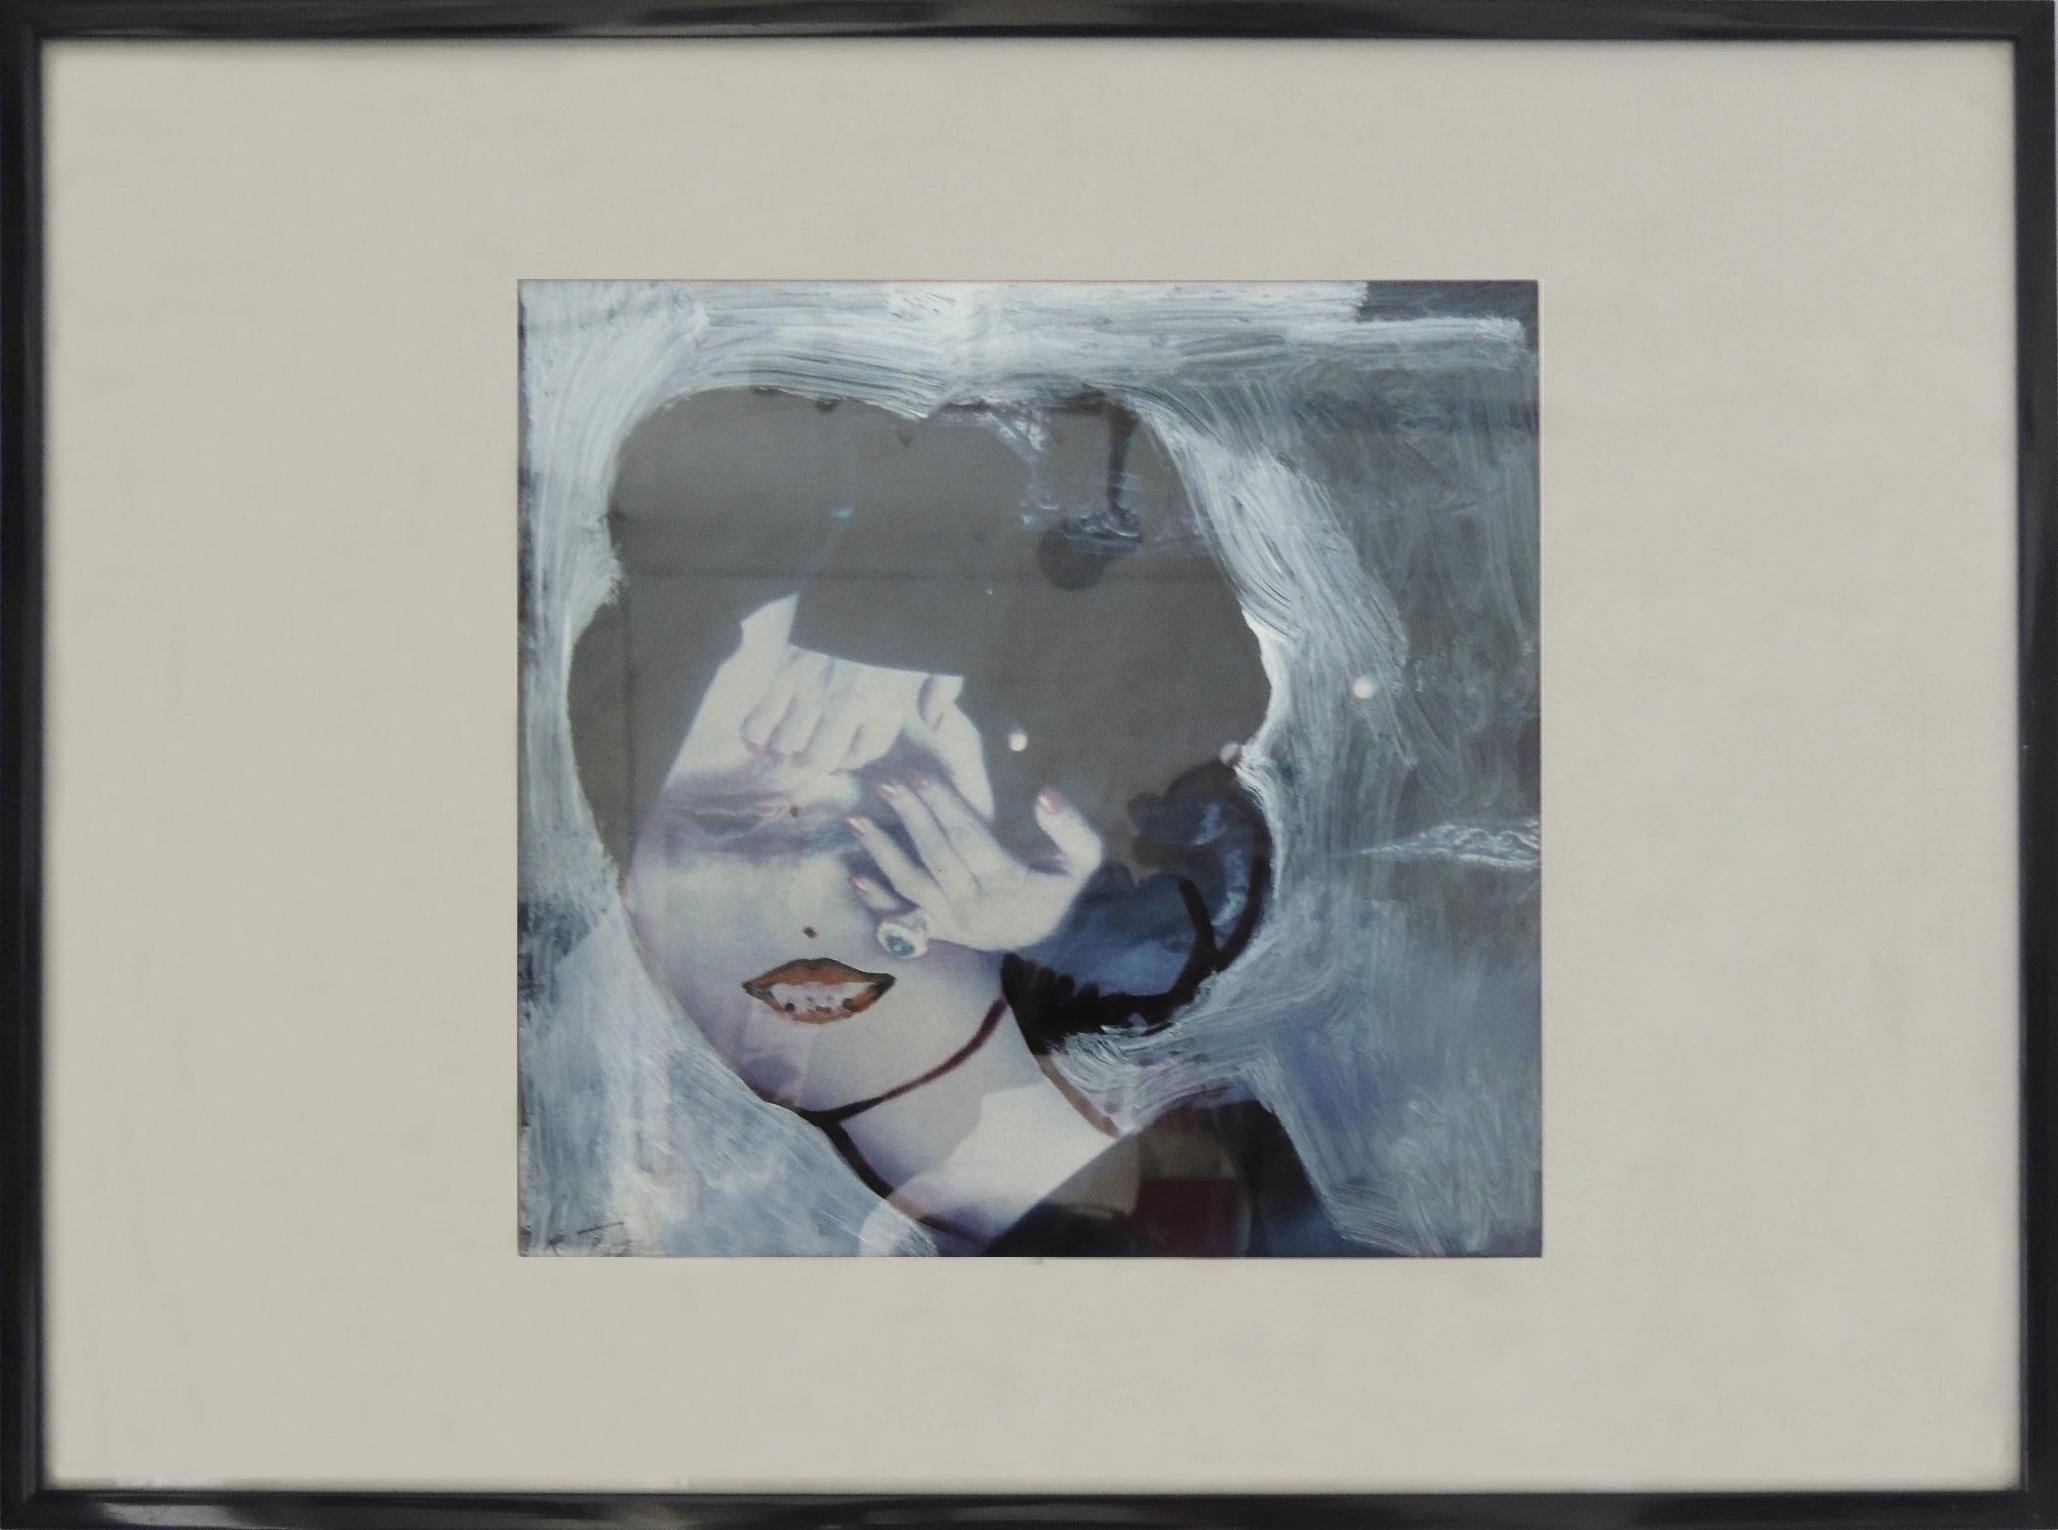 Lot 69 - Topor Roland (1942-1997) Portrait froufrou - Oil on canvas - Signed lower left - 40 x [...]